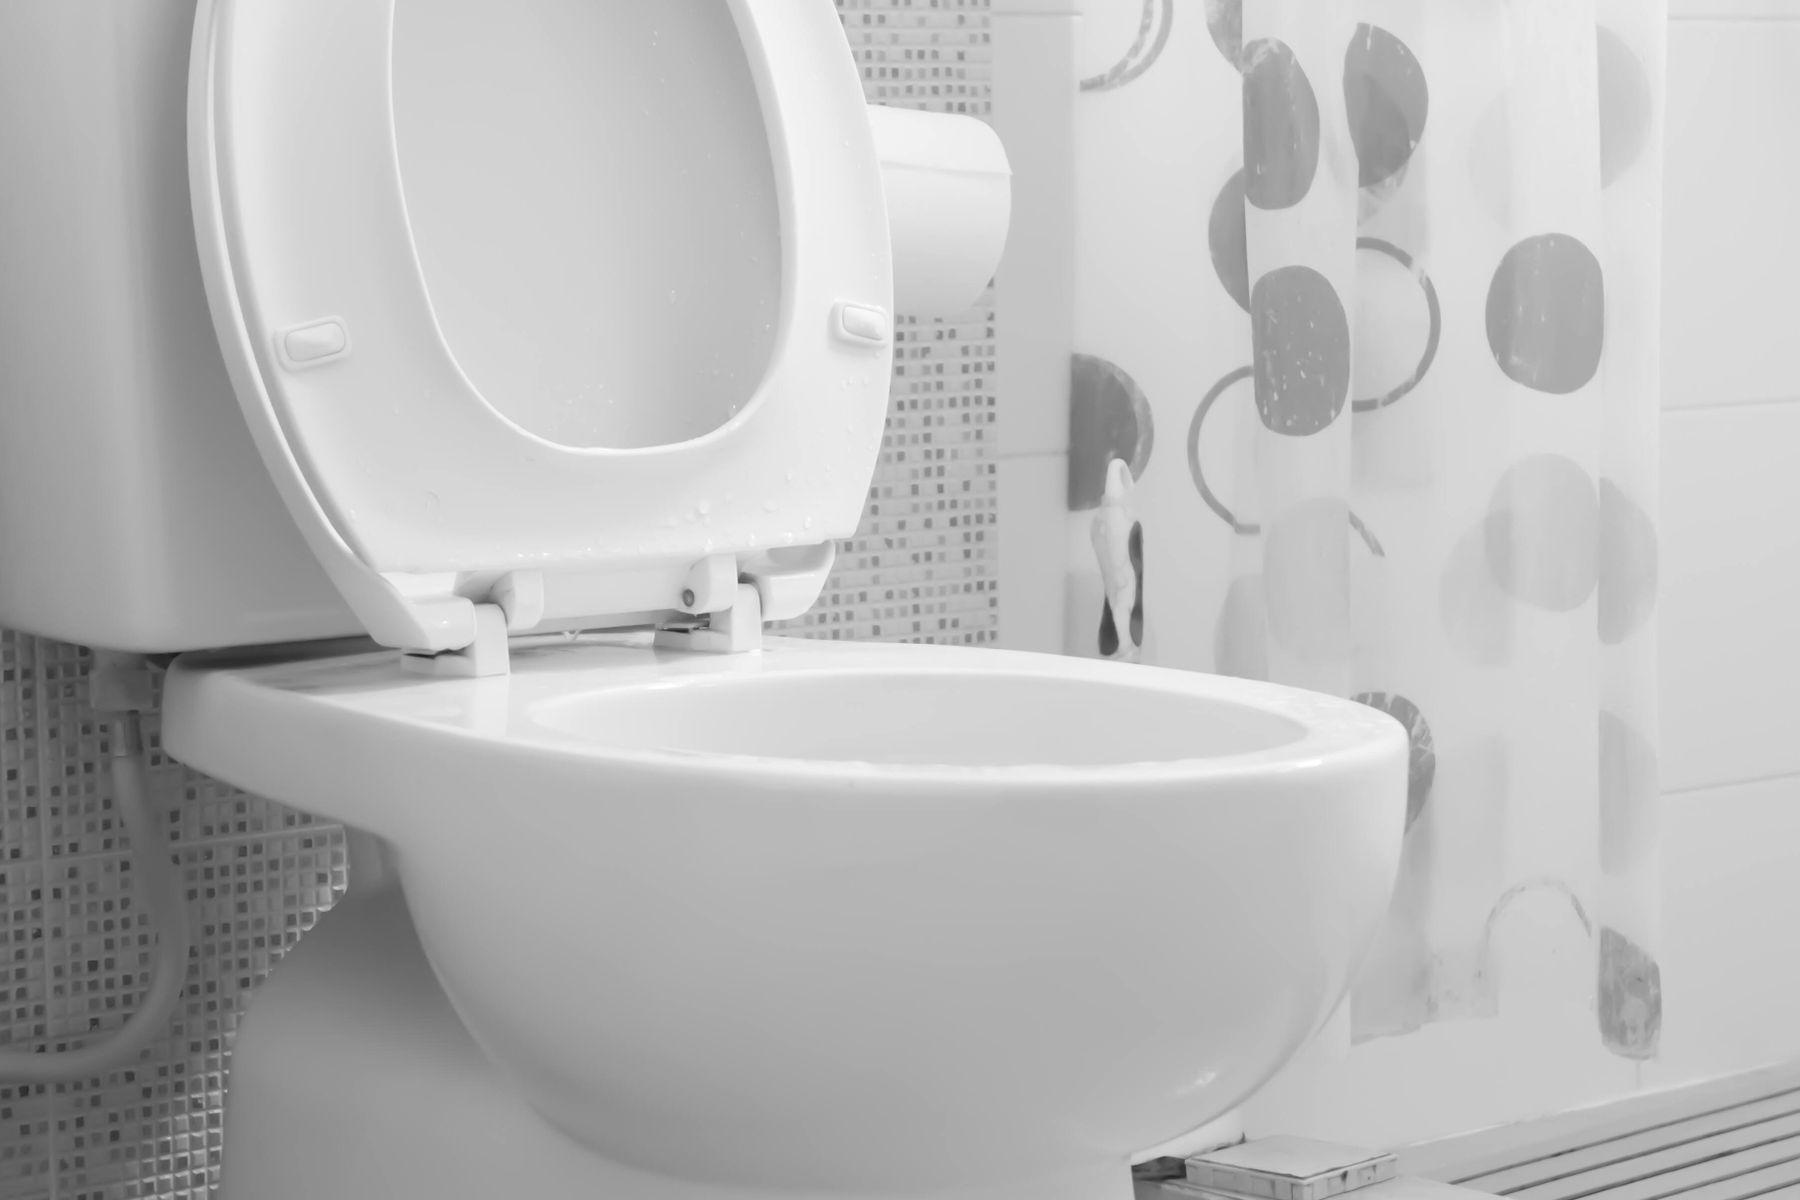 Çamaşır Suyu Nedir, Nasıl Kullanılır?